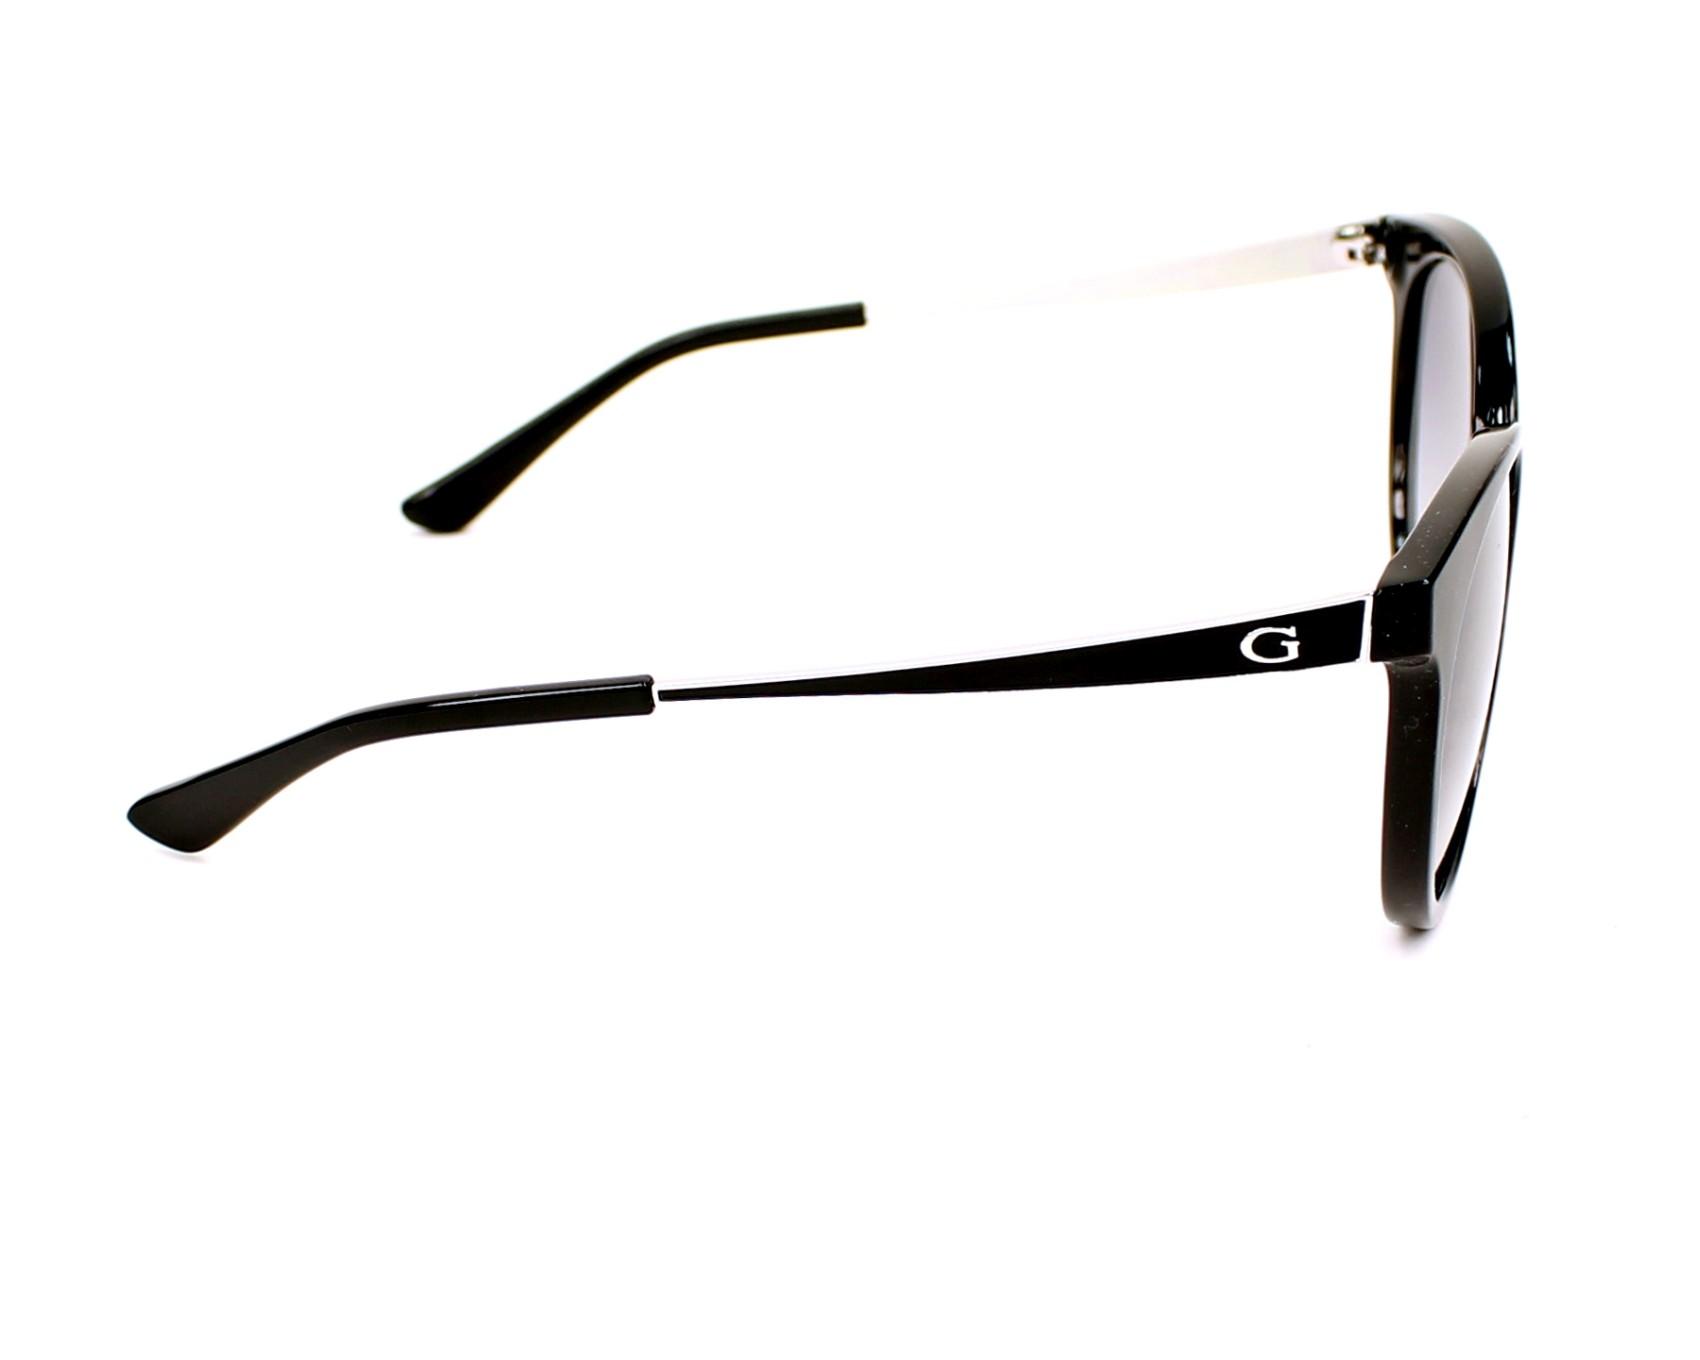 de713e156e6 Sunglasses Guess GU-7459 01B 52-20 Black Silver side view